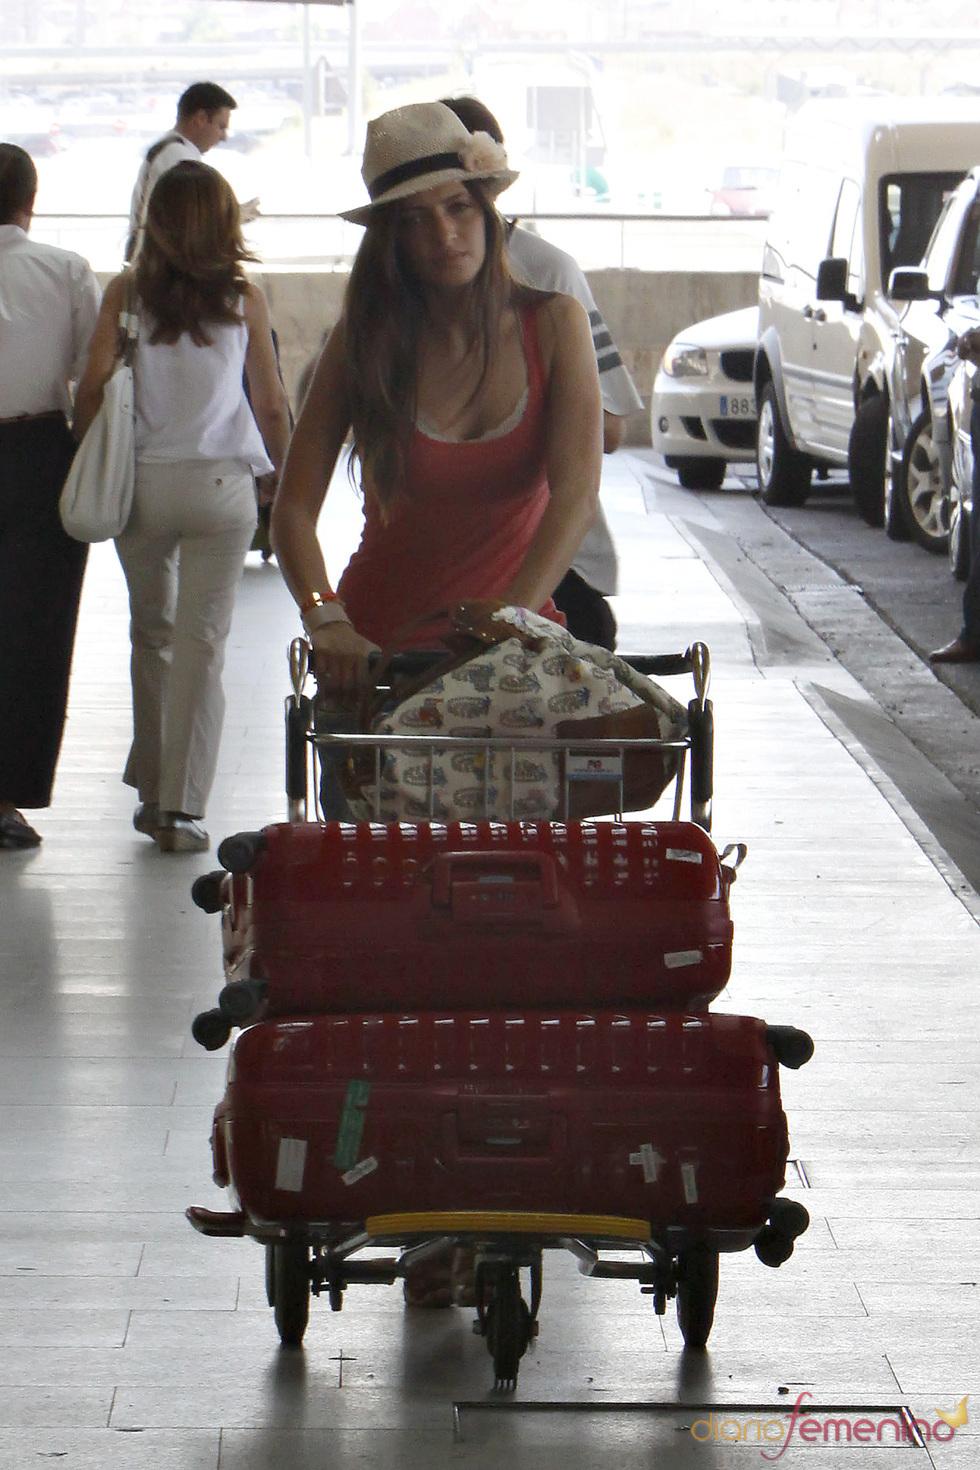 Sara Carbonero se lleva muchas maletas para su viaje de vacaciones